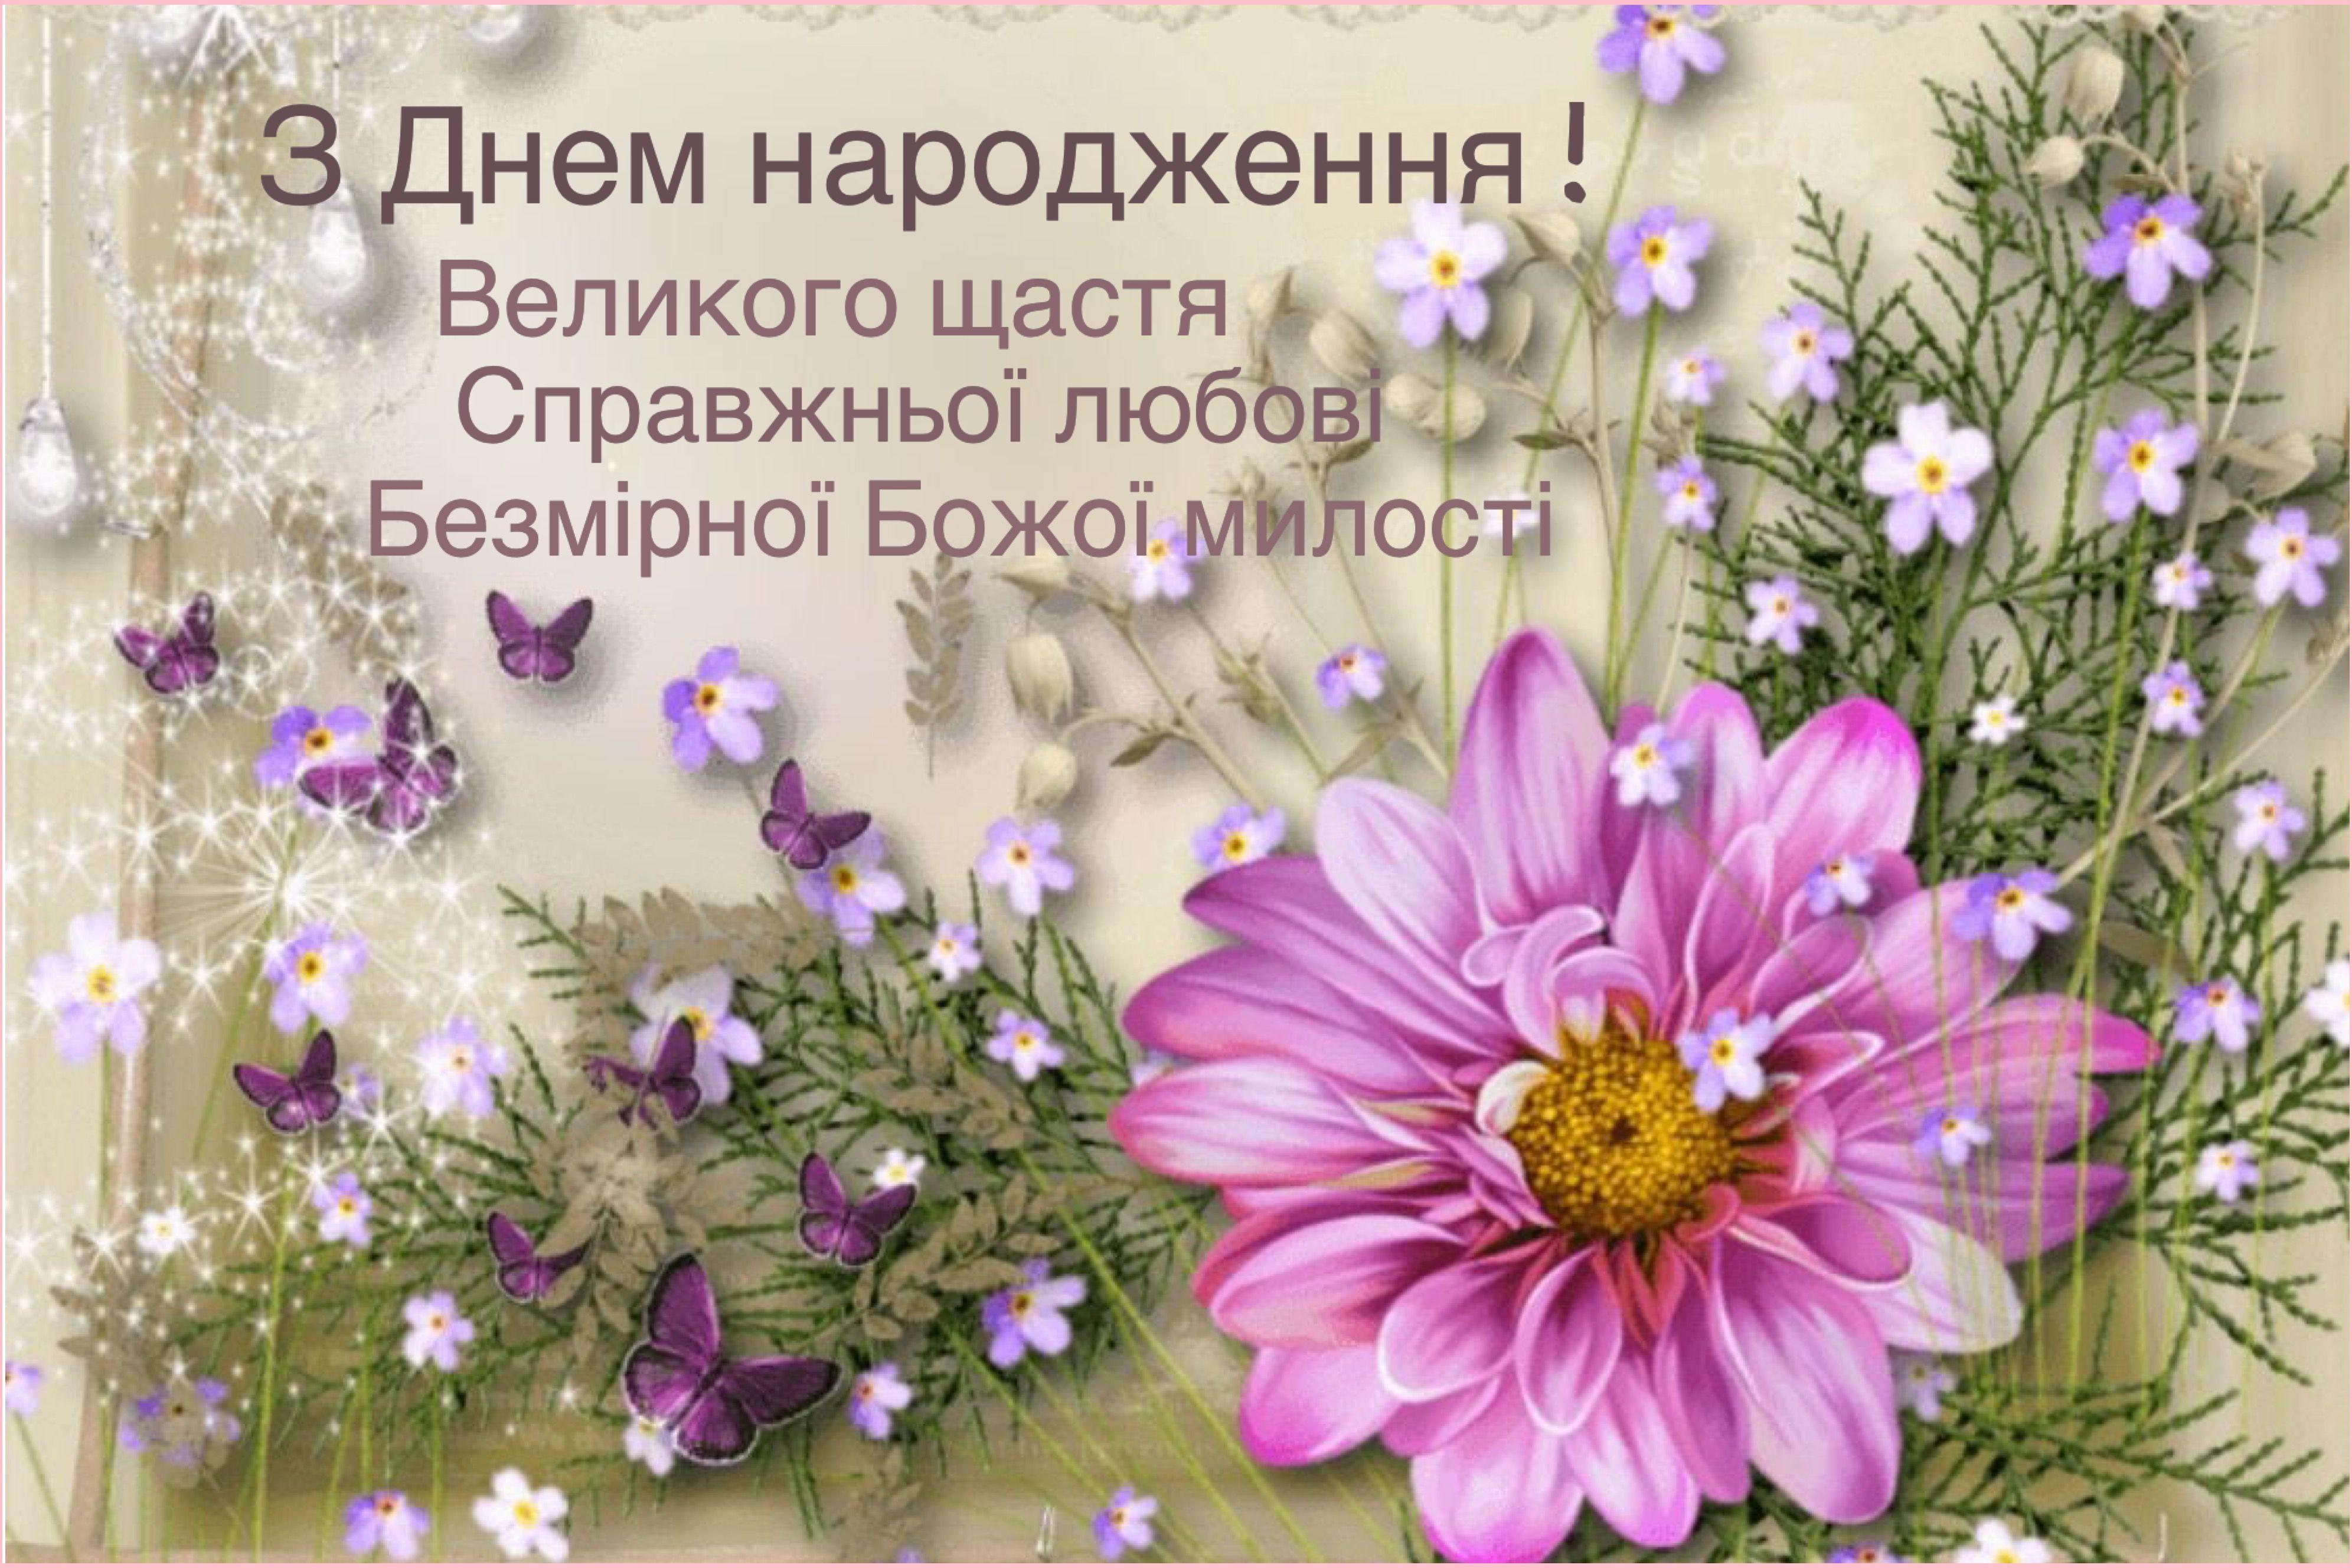 Ольгу, открытка с днем рождения украина